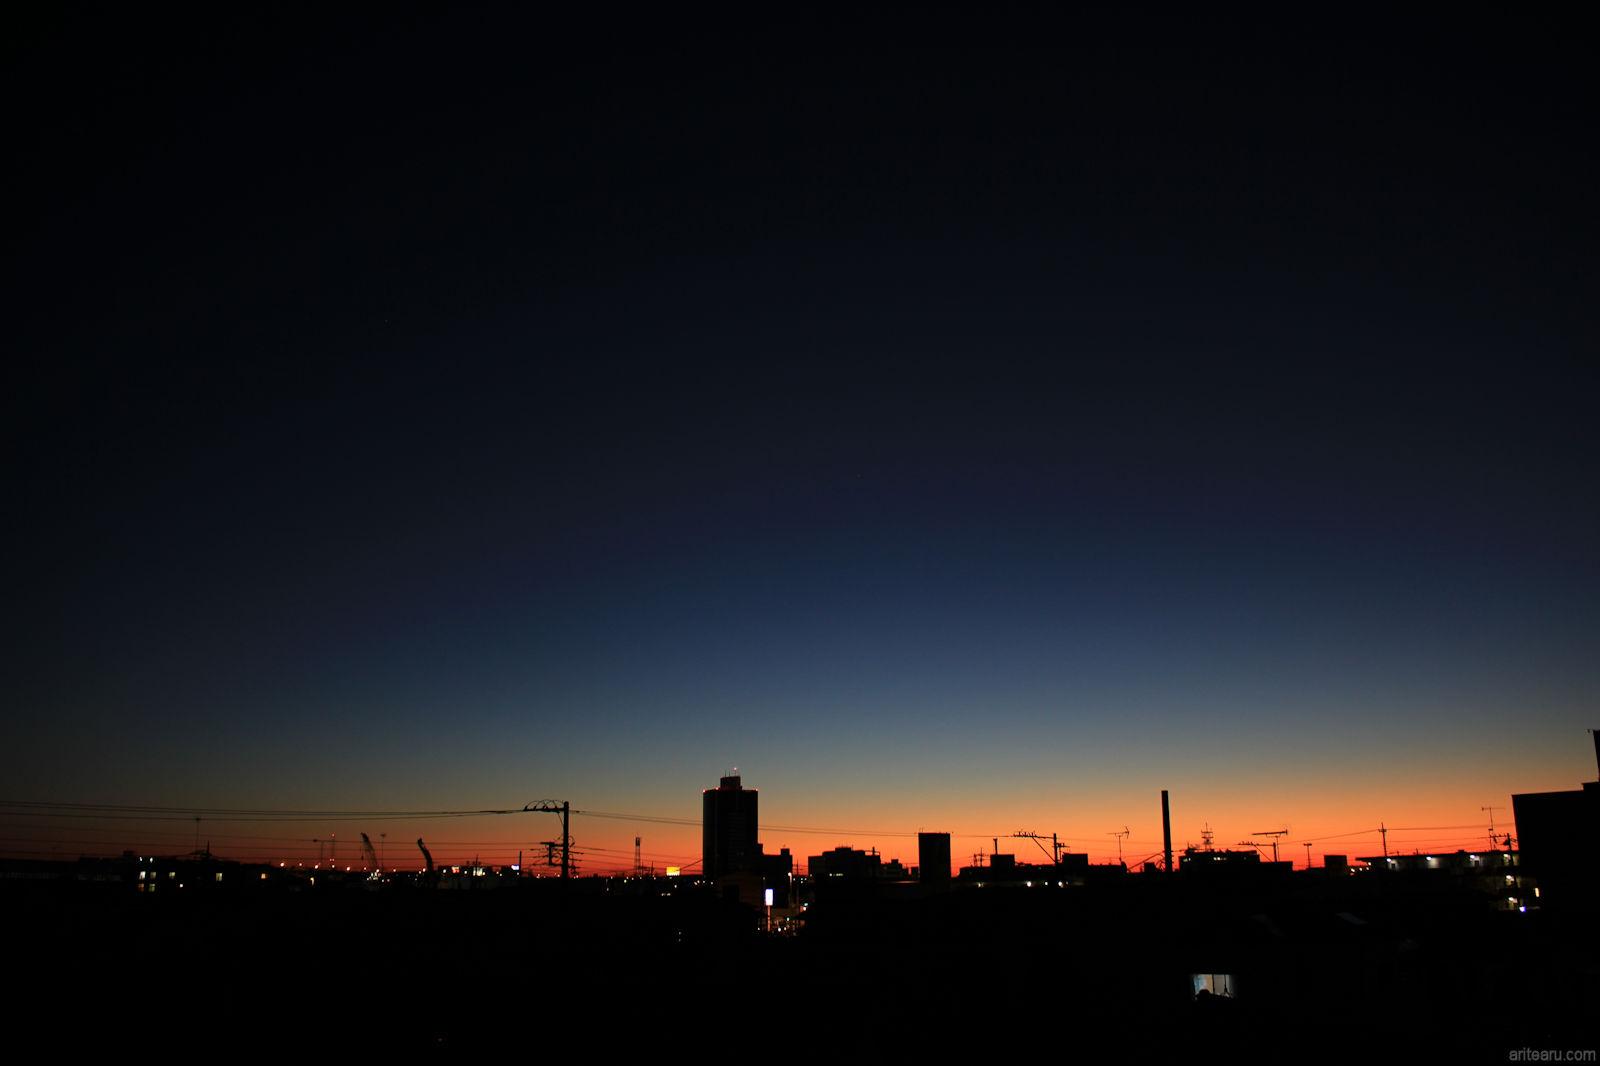 大地と空の息吹き 2018年1月27日 夜明けの光景(神奈川県厚木市)